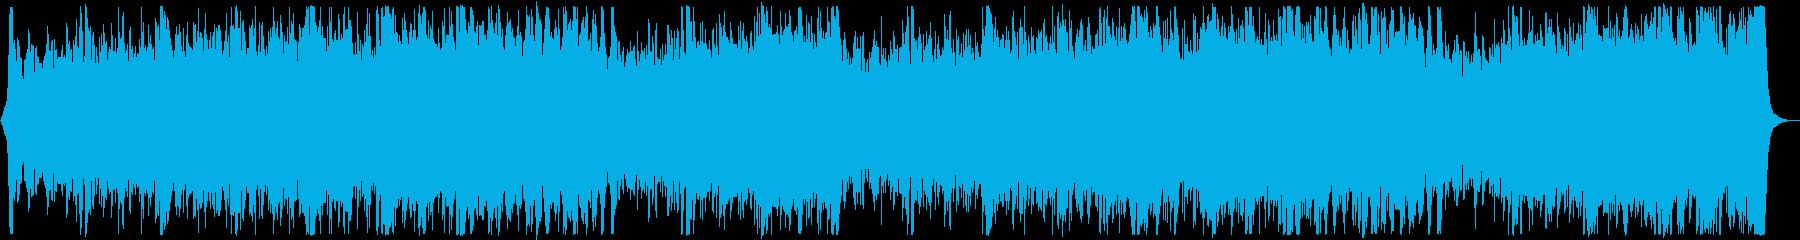 和風・和楽器・忍者エピック:フル2回の再生済みの波形